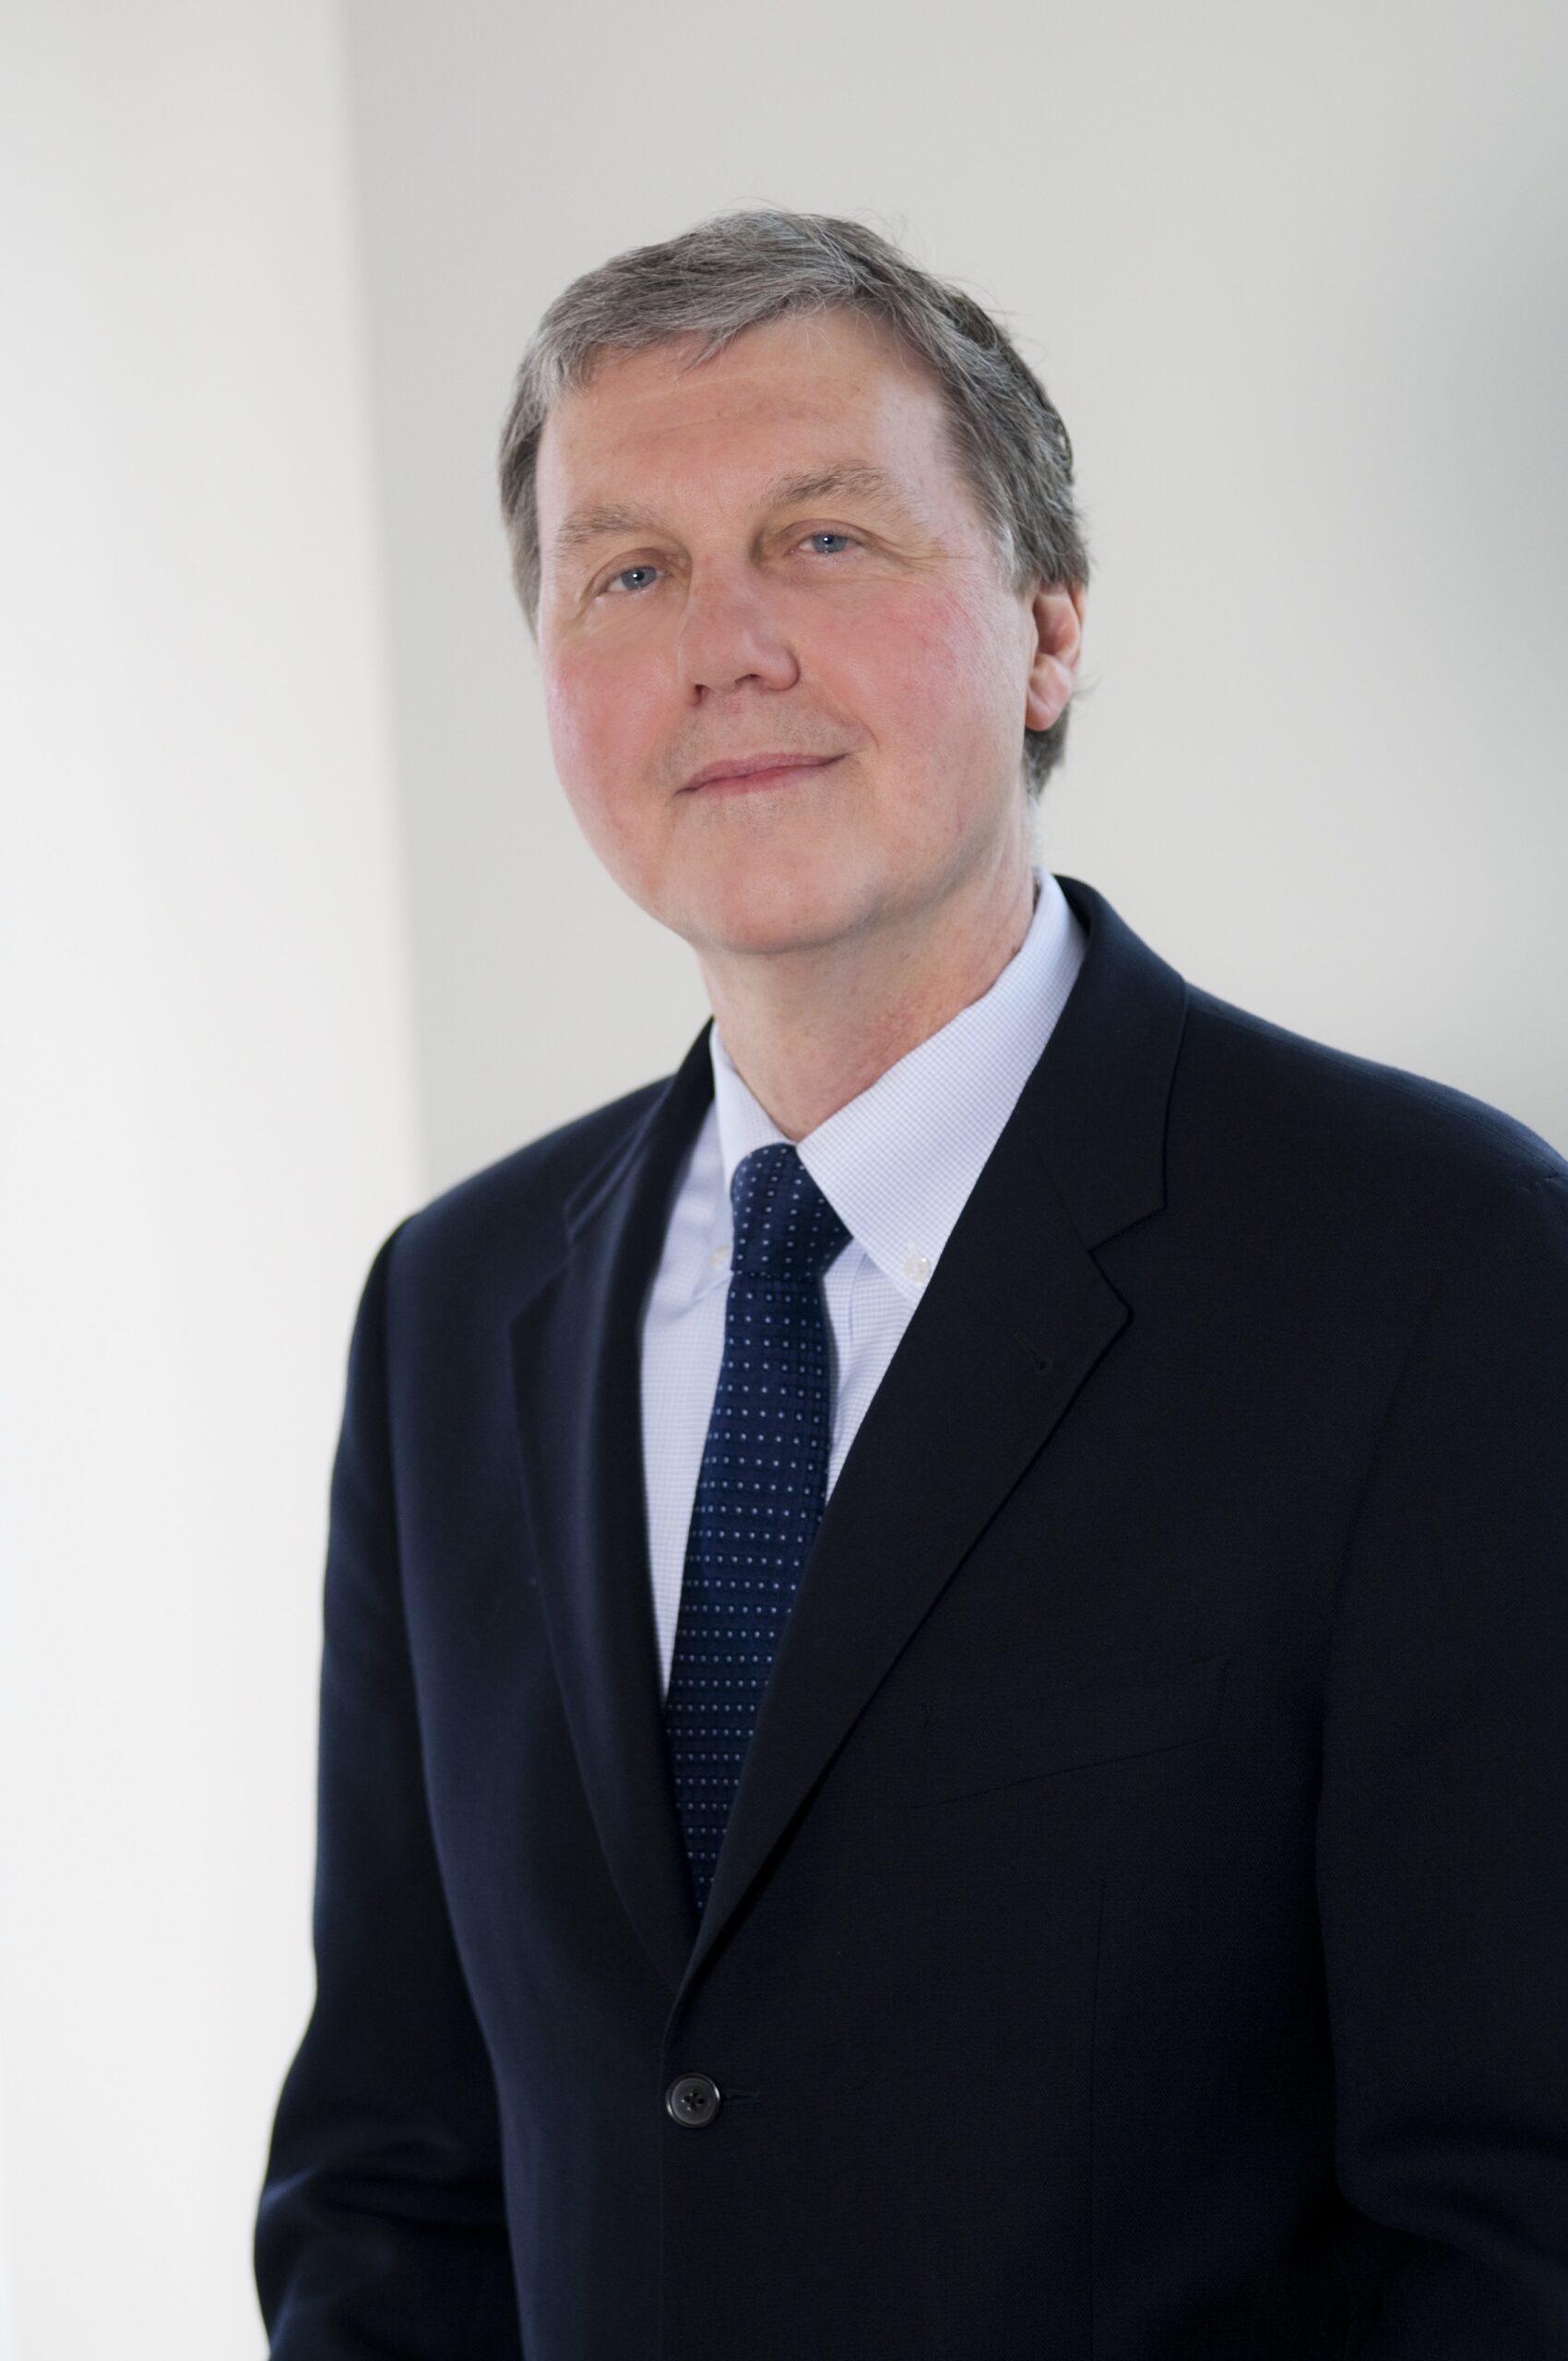 Greg Flood